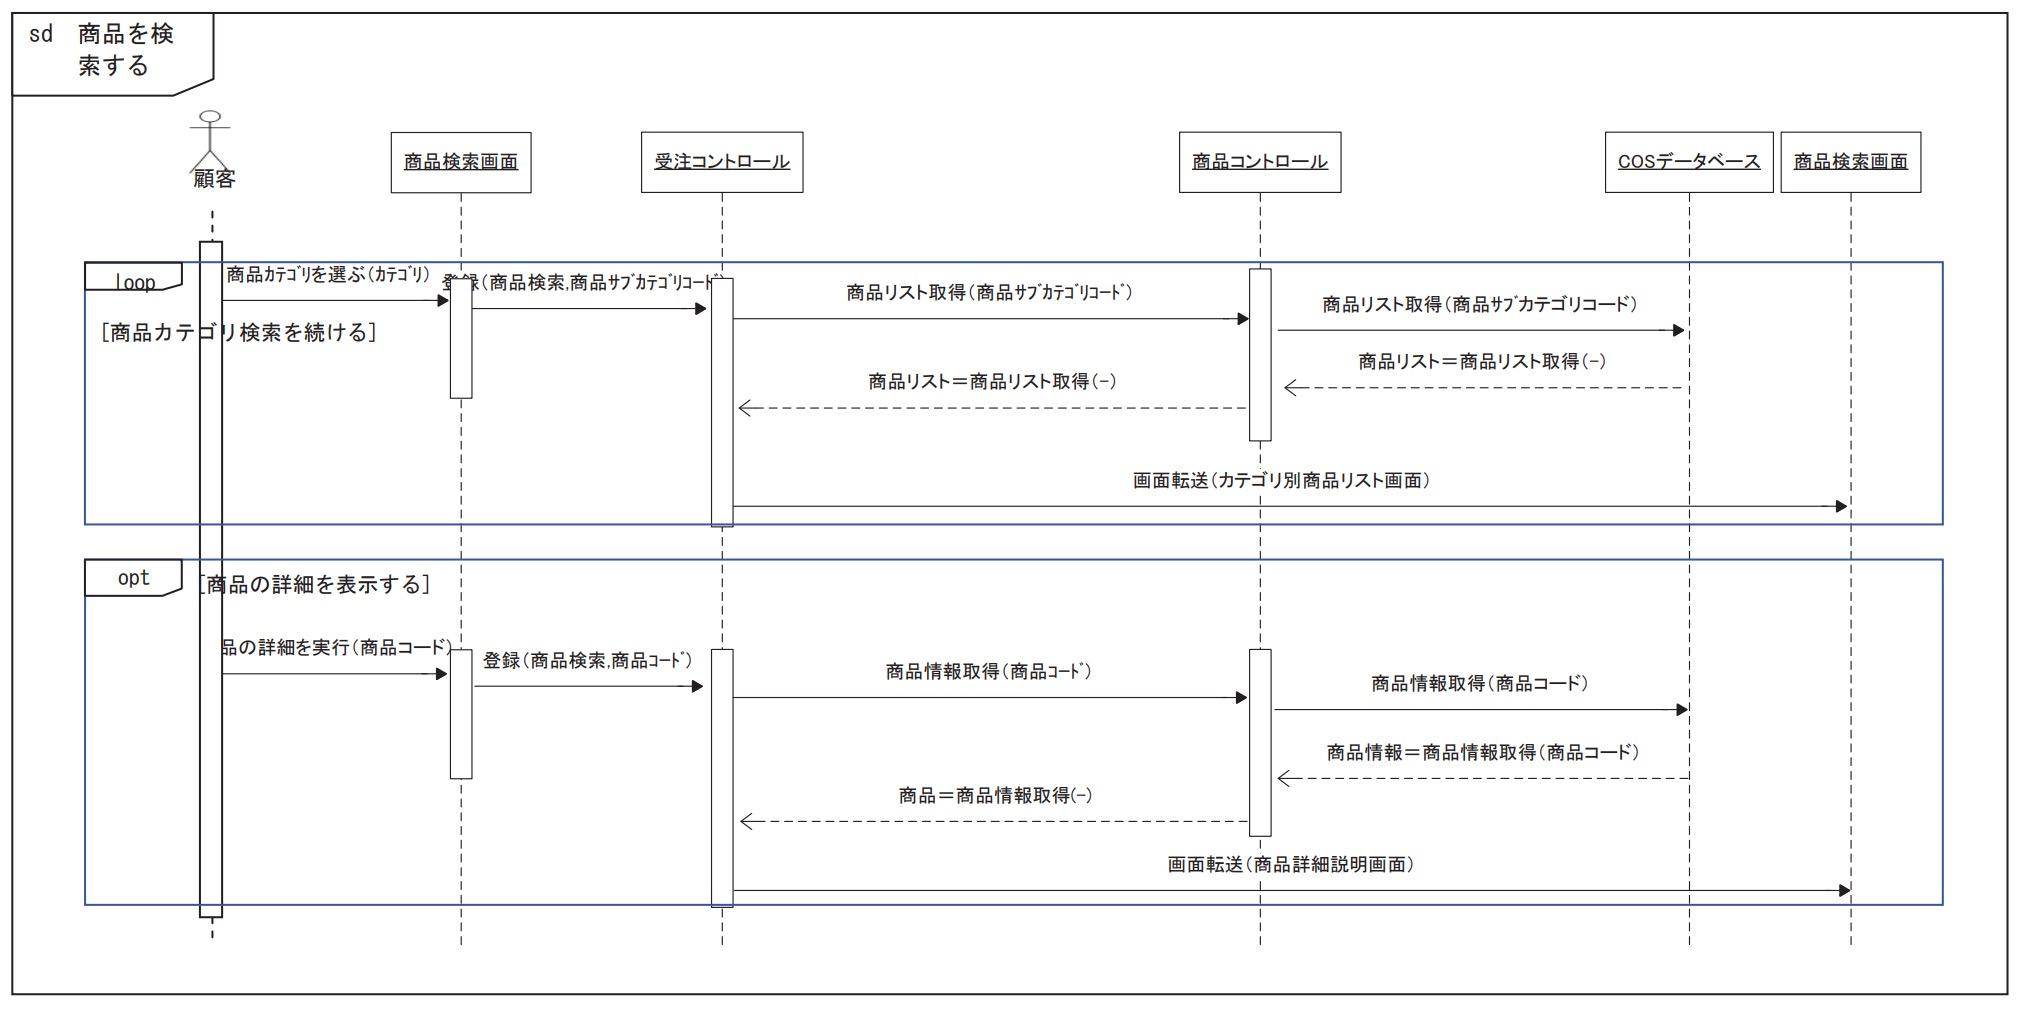 シーケンス図(サンプル)